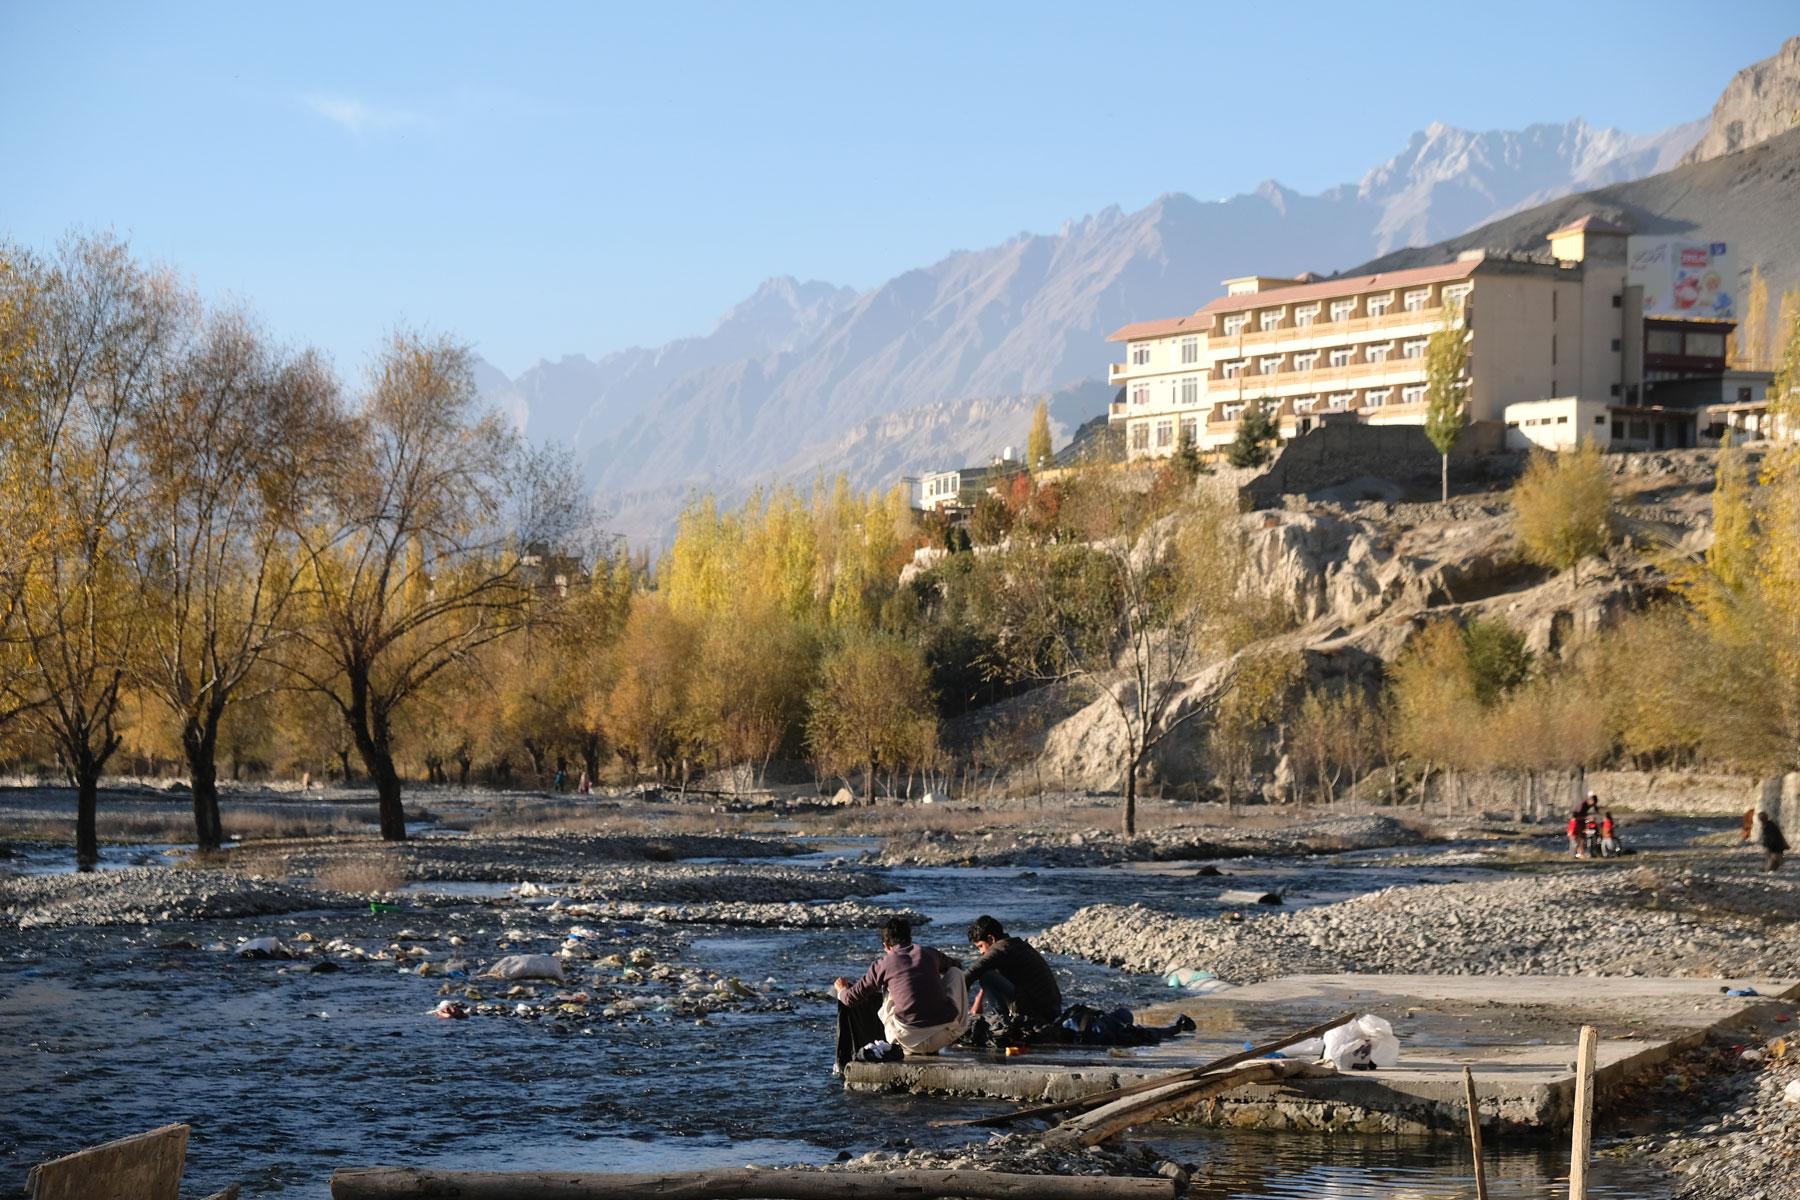 Zwei Jungen waschen in einem Fluss Wäsche. Ein Hotel in Skardu steht auf einem Felsen.